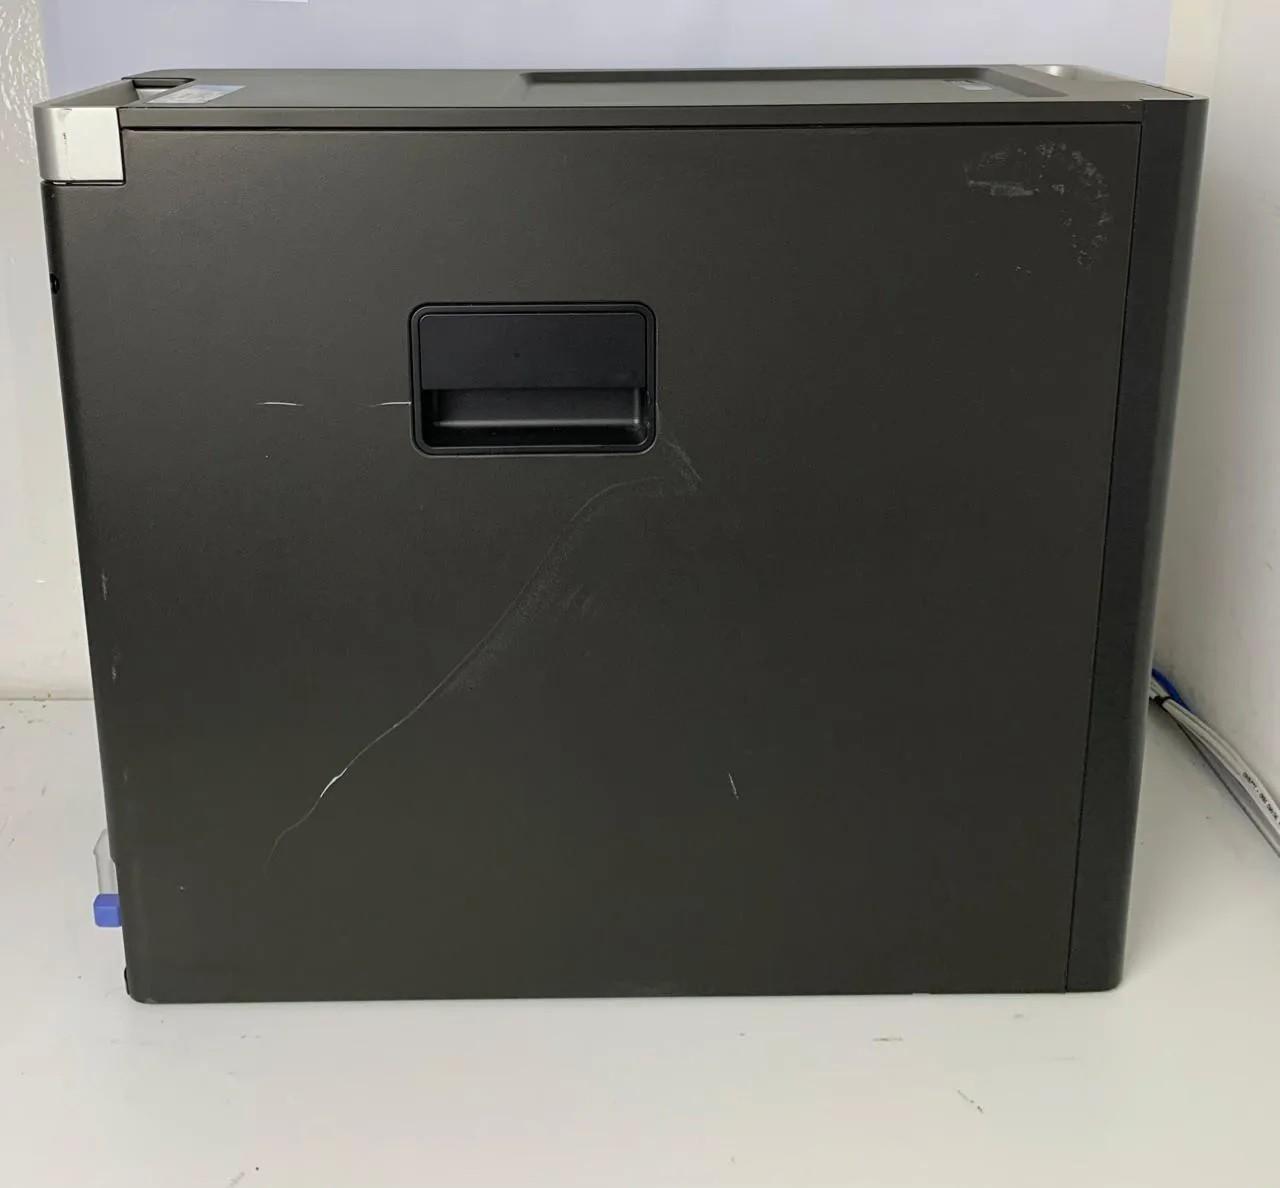 Work Computador Dell Precision Tower 5810 Intel Xeon Quad 3.5GHz Turbo 64GB HD-1TB + 4GB Dedicada